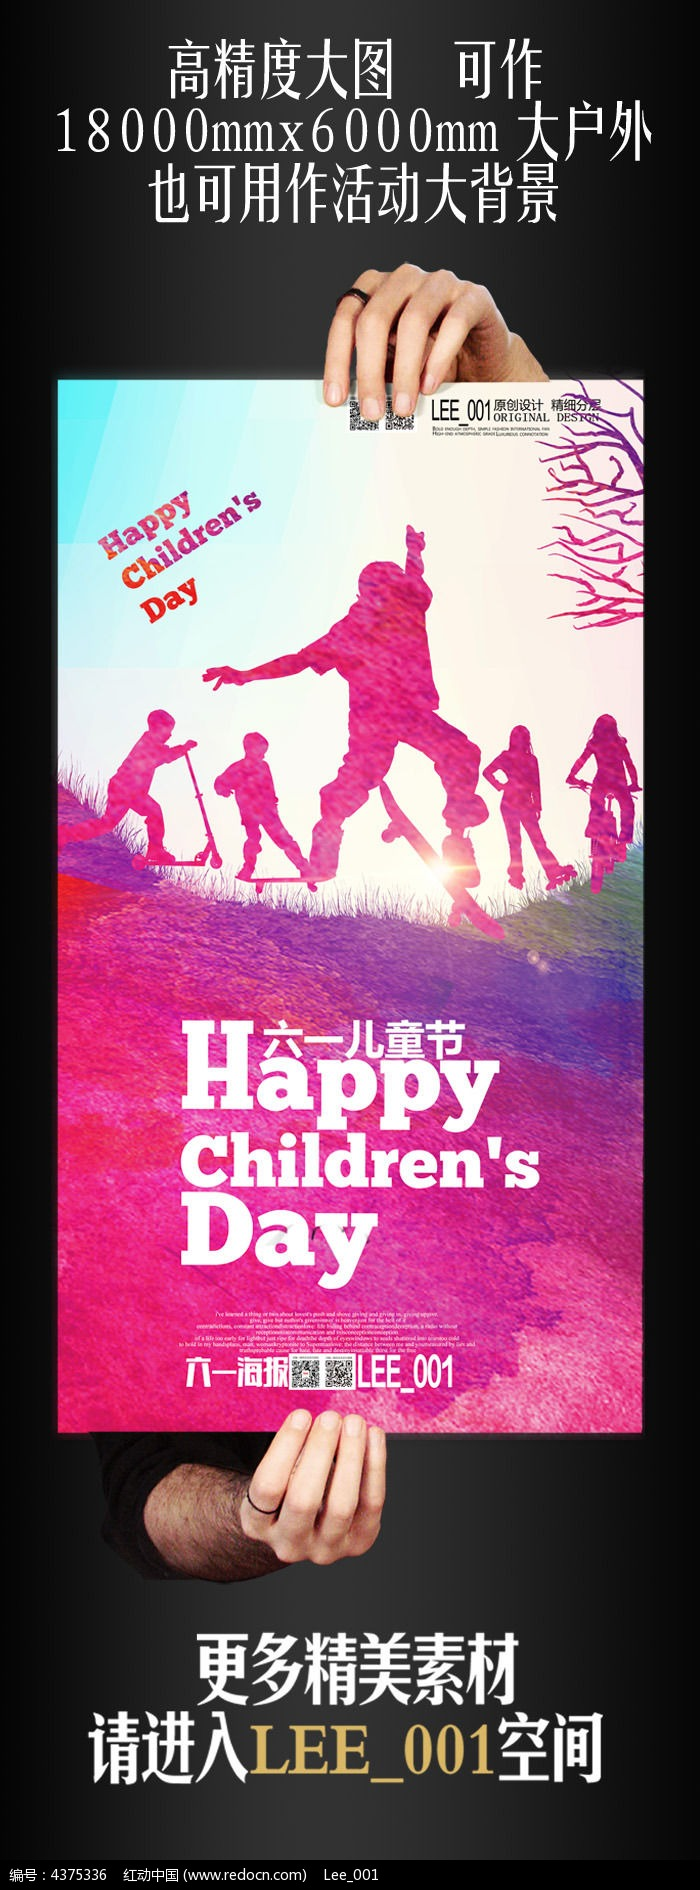 炫彩六一儿童节活动海报设计